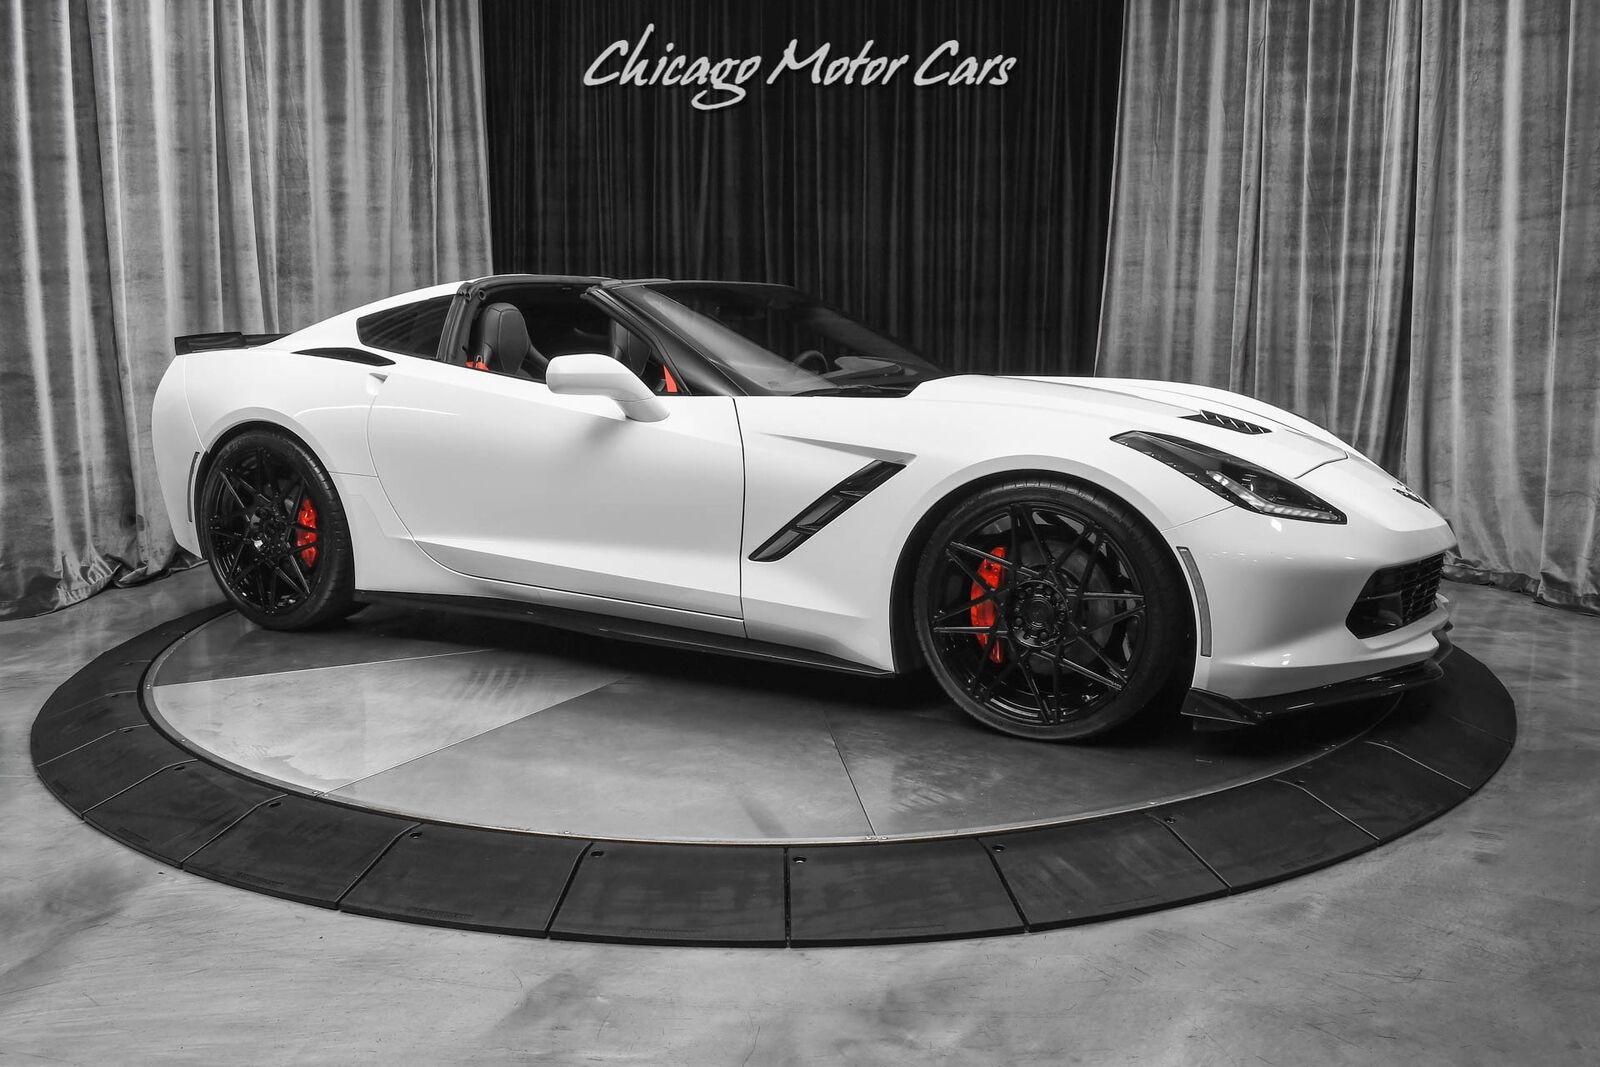 2016 White Chevrolet Corvette Stingray    C7 Corvette Photo 6